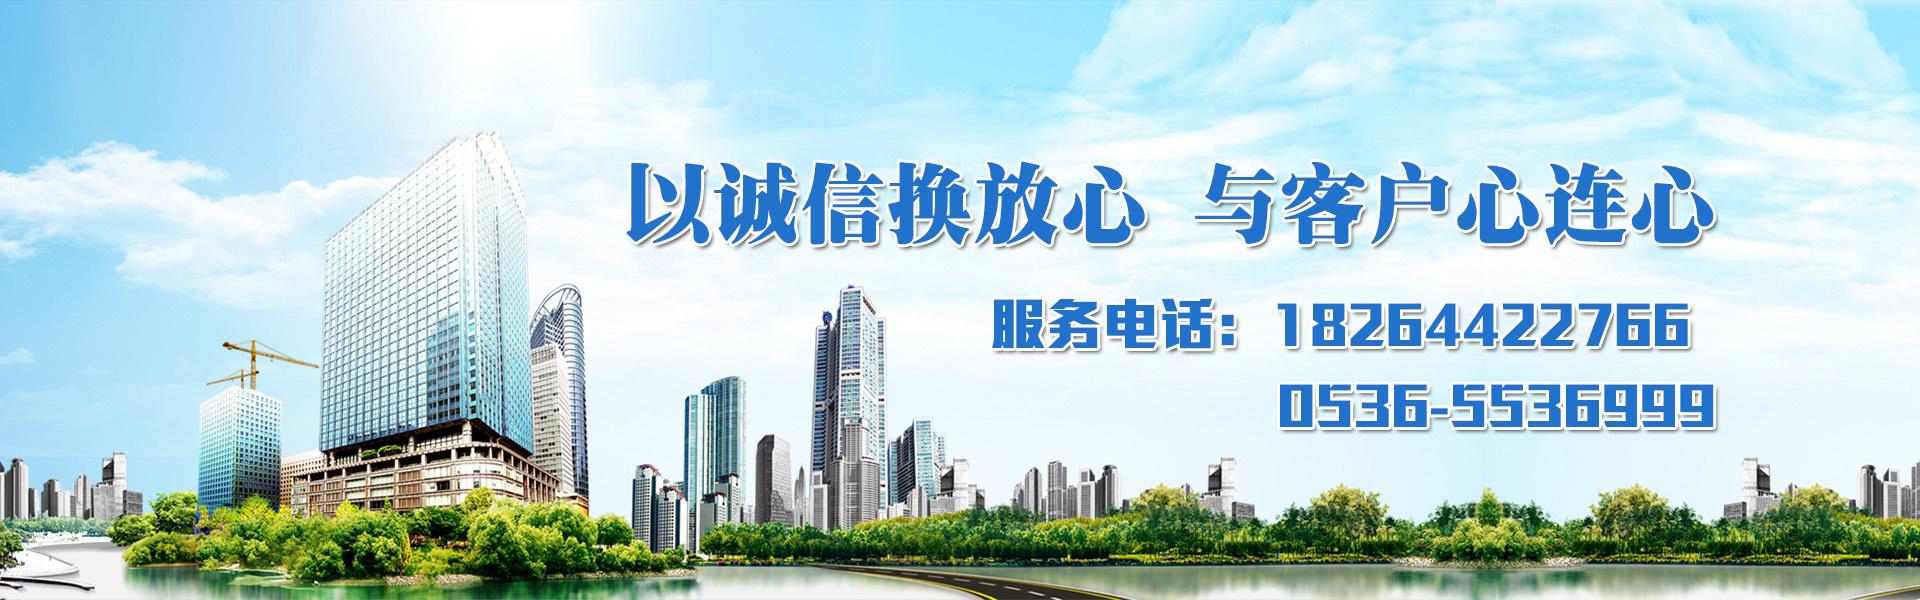 潍坊市汇达防水材料有限公司联系方式